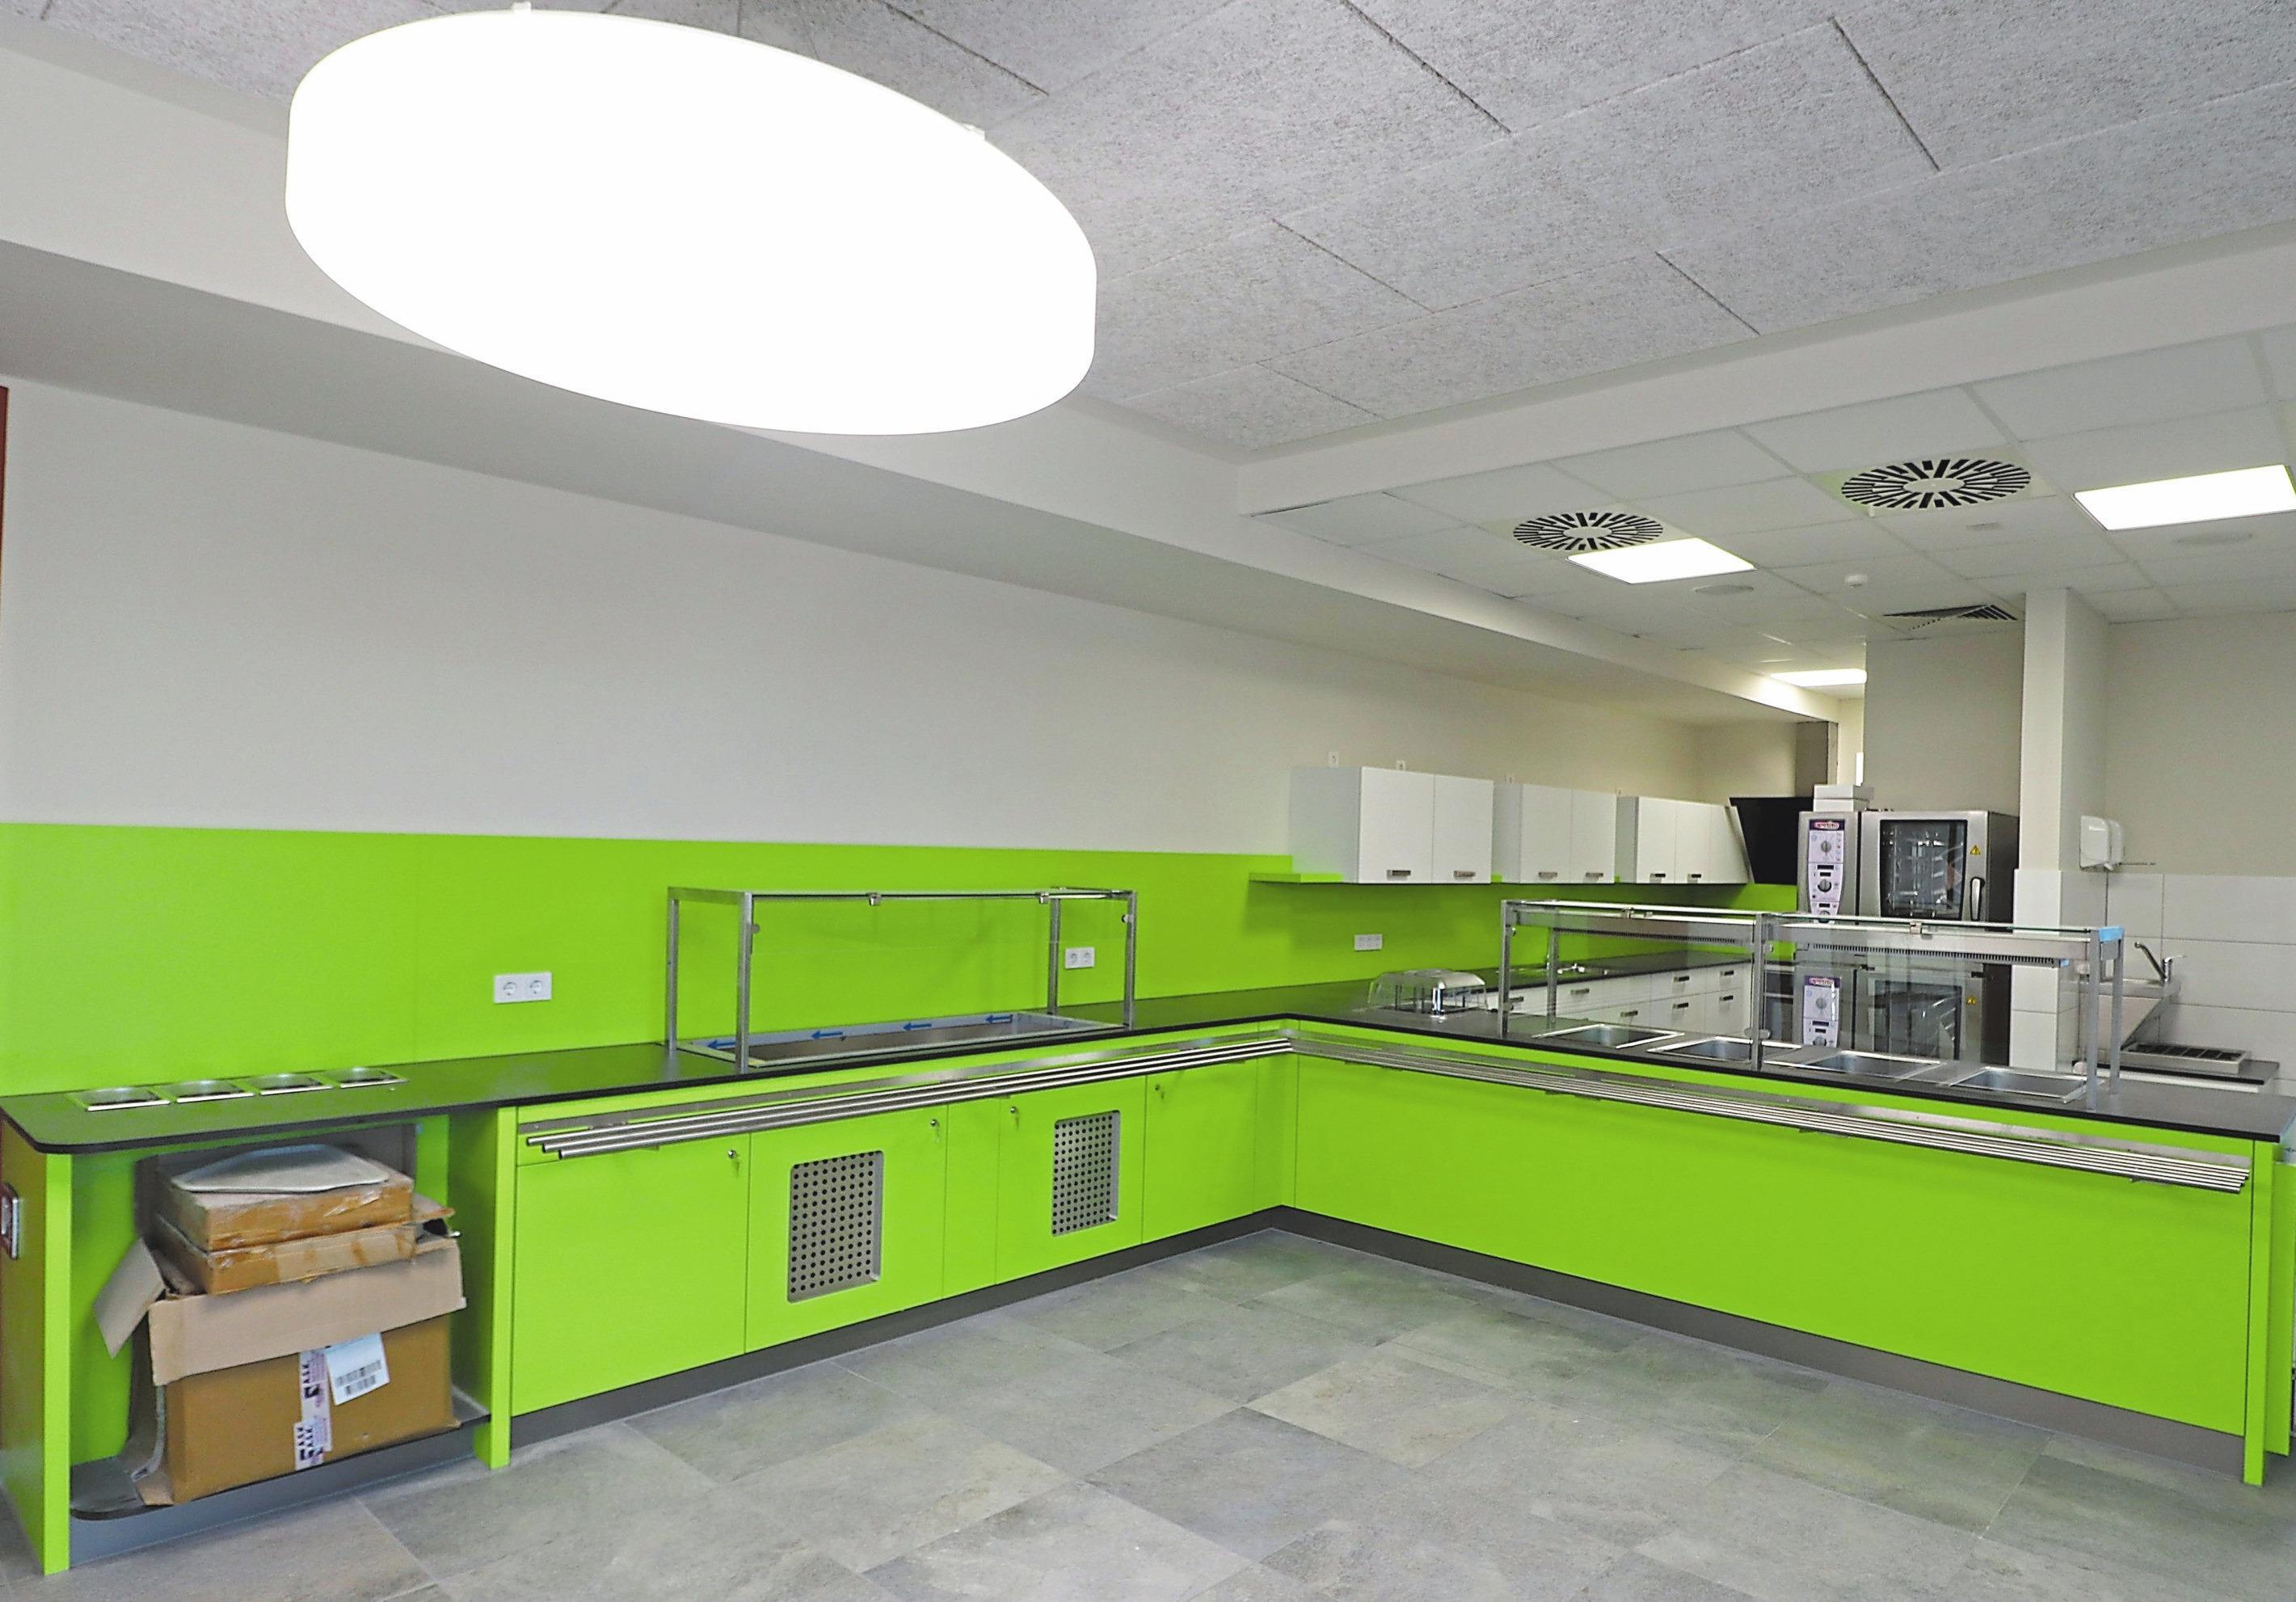 In der neuen Mensa werden mittags rund 50 Grundschüler ihr Essen einnehmen. Bei Bedarf kann der Platz durch den benachbarten Multifunktionsraum erweitert werden.